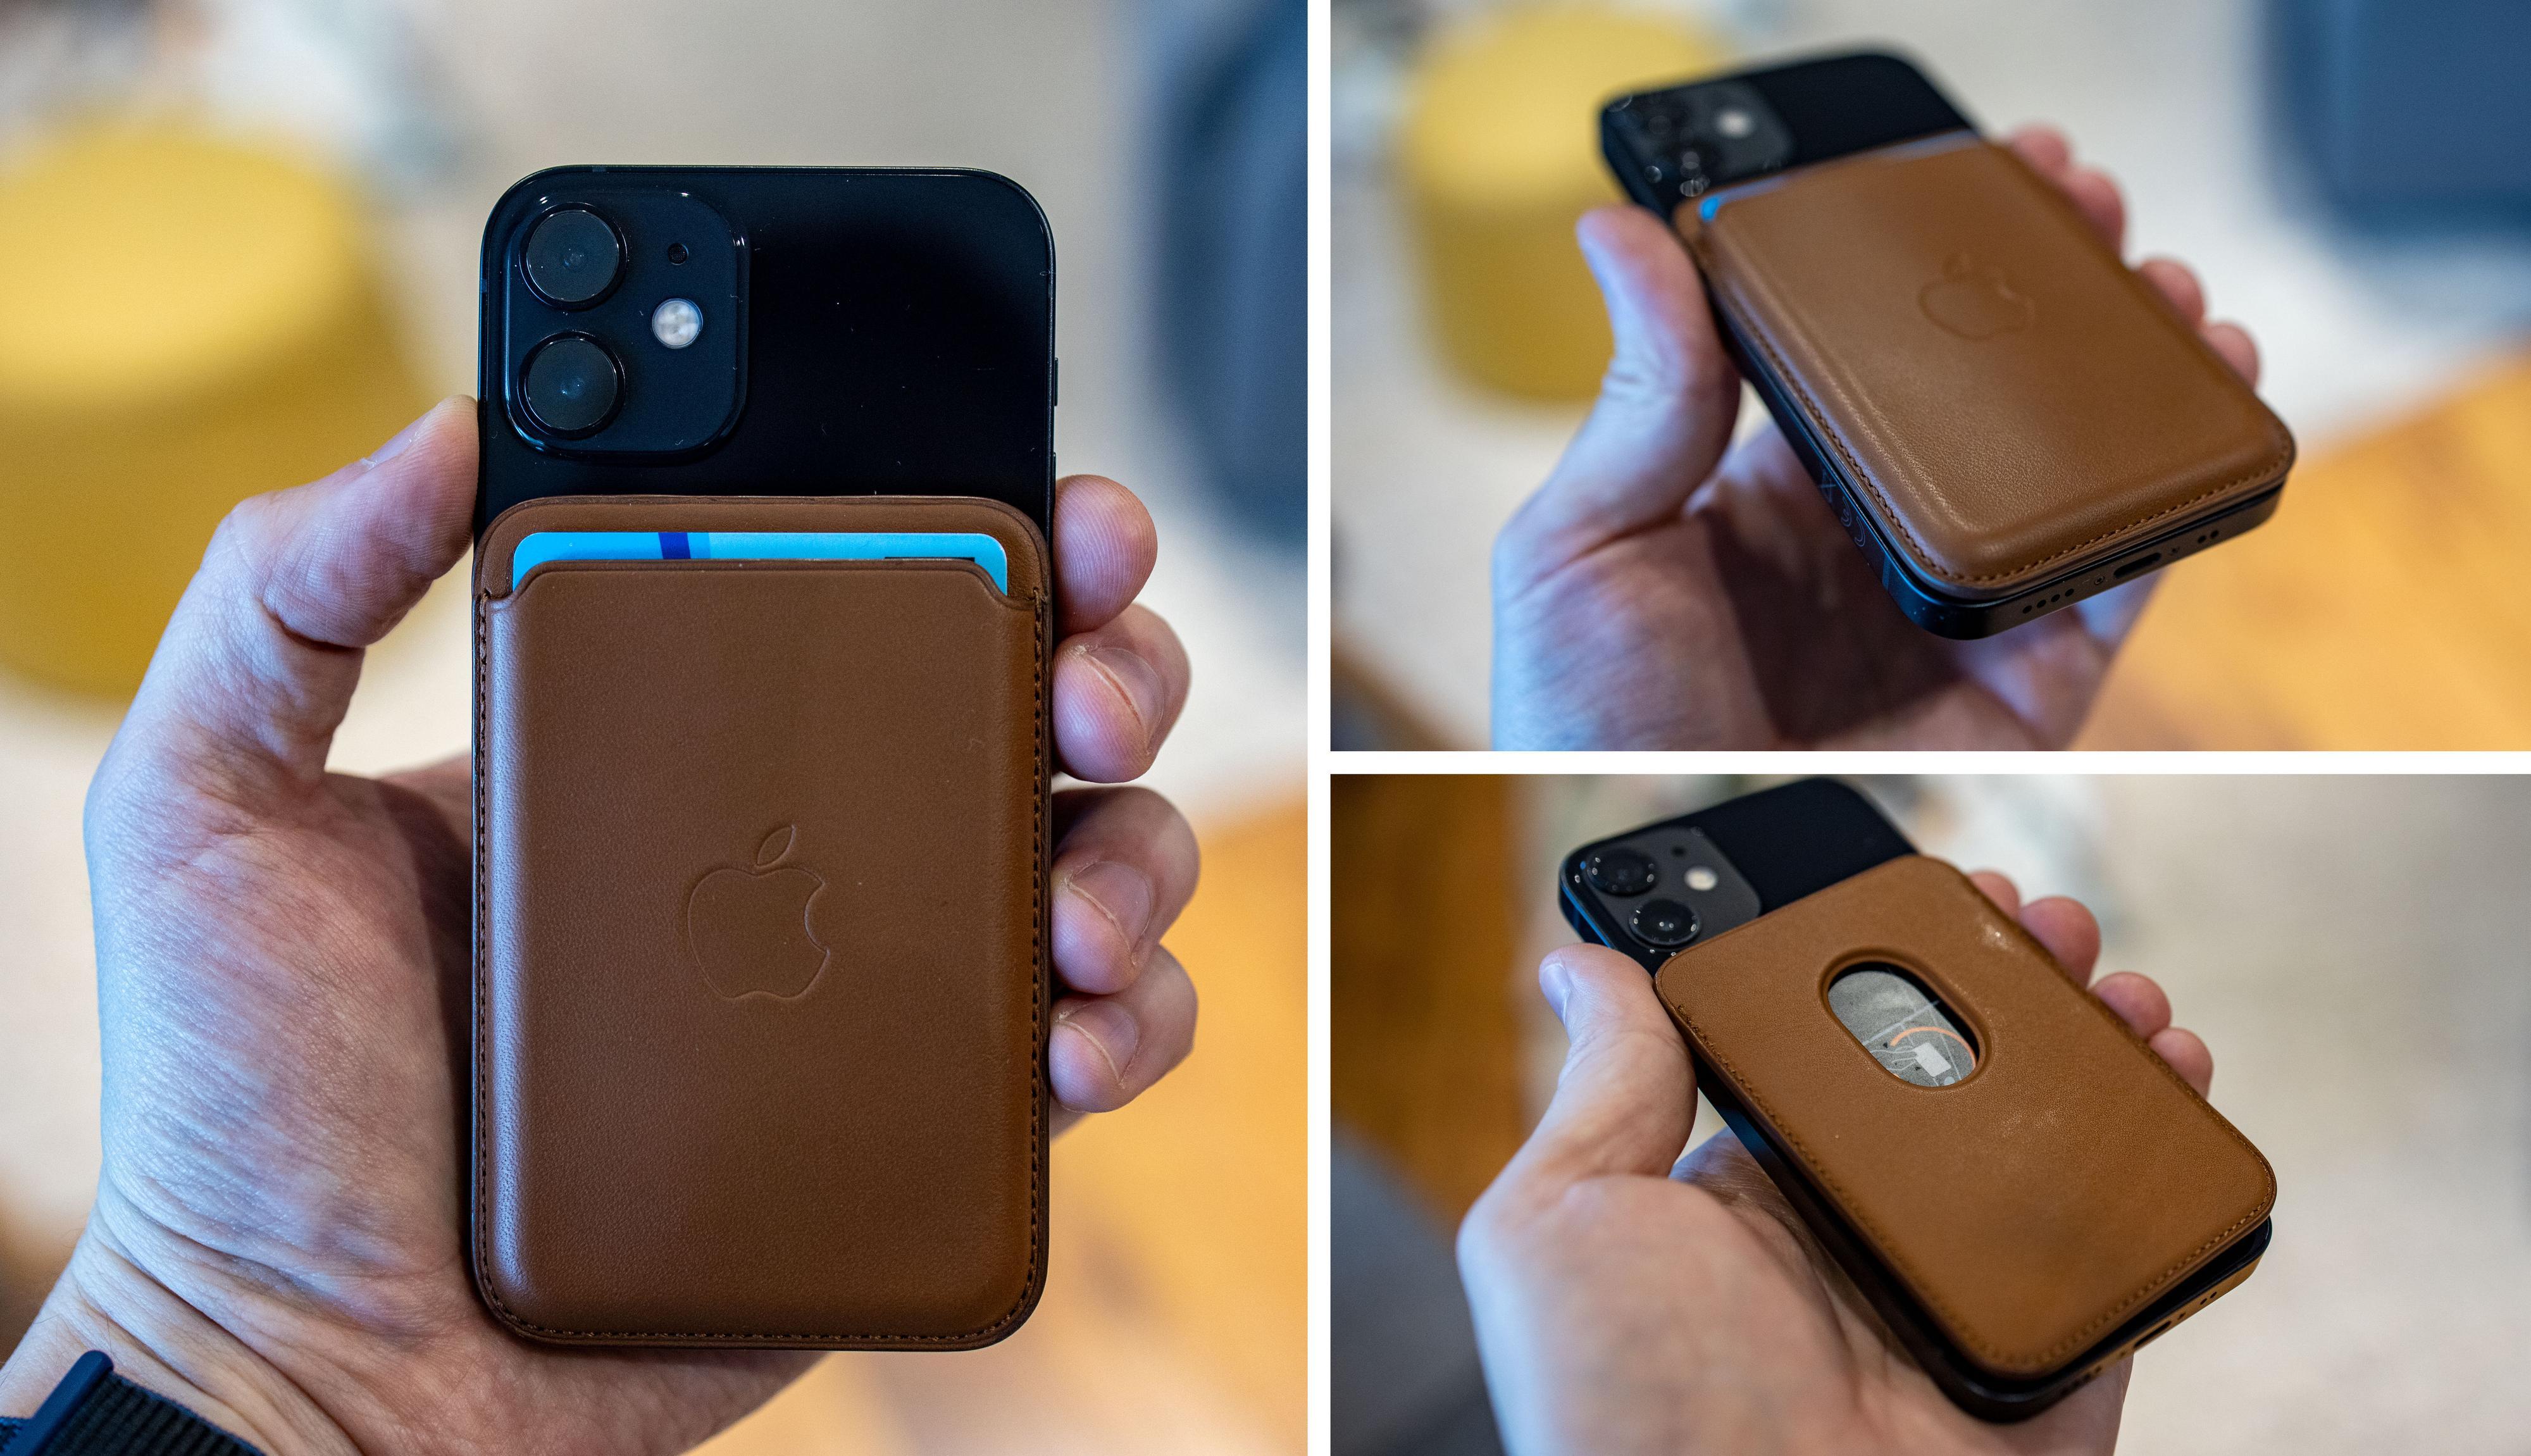 Lommeboktilbehøret fungerer greit, men vi tipper tredjepartsprodusenter vil kunne lage noe bedre og billigere. Men vi liker at kortholderen går helt ut i kantene på iPhone 12 Mini.